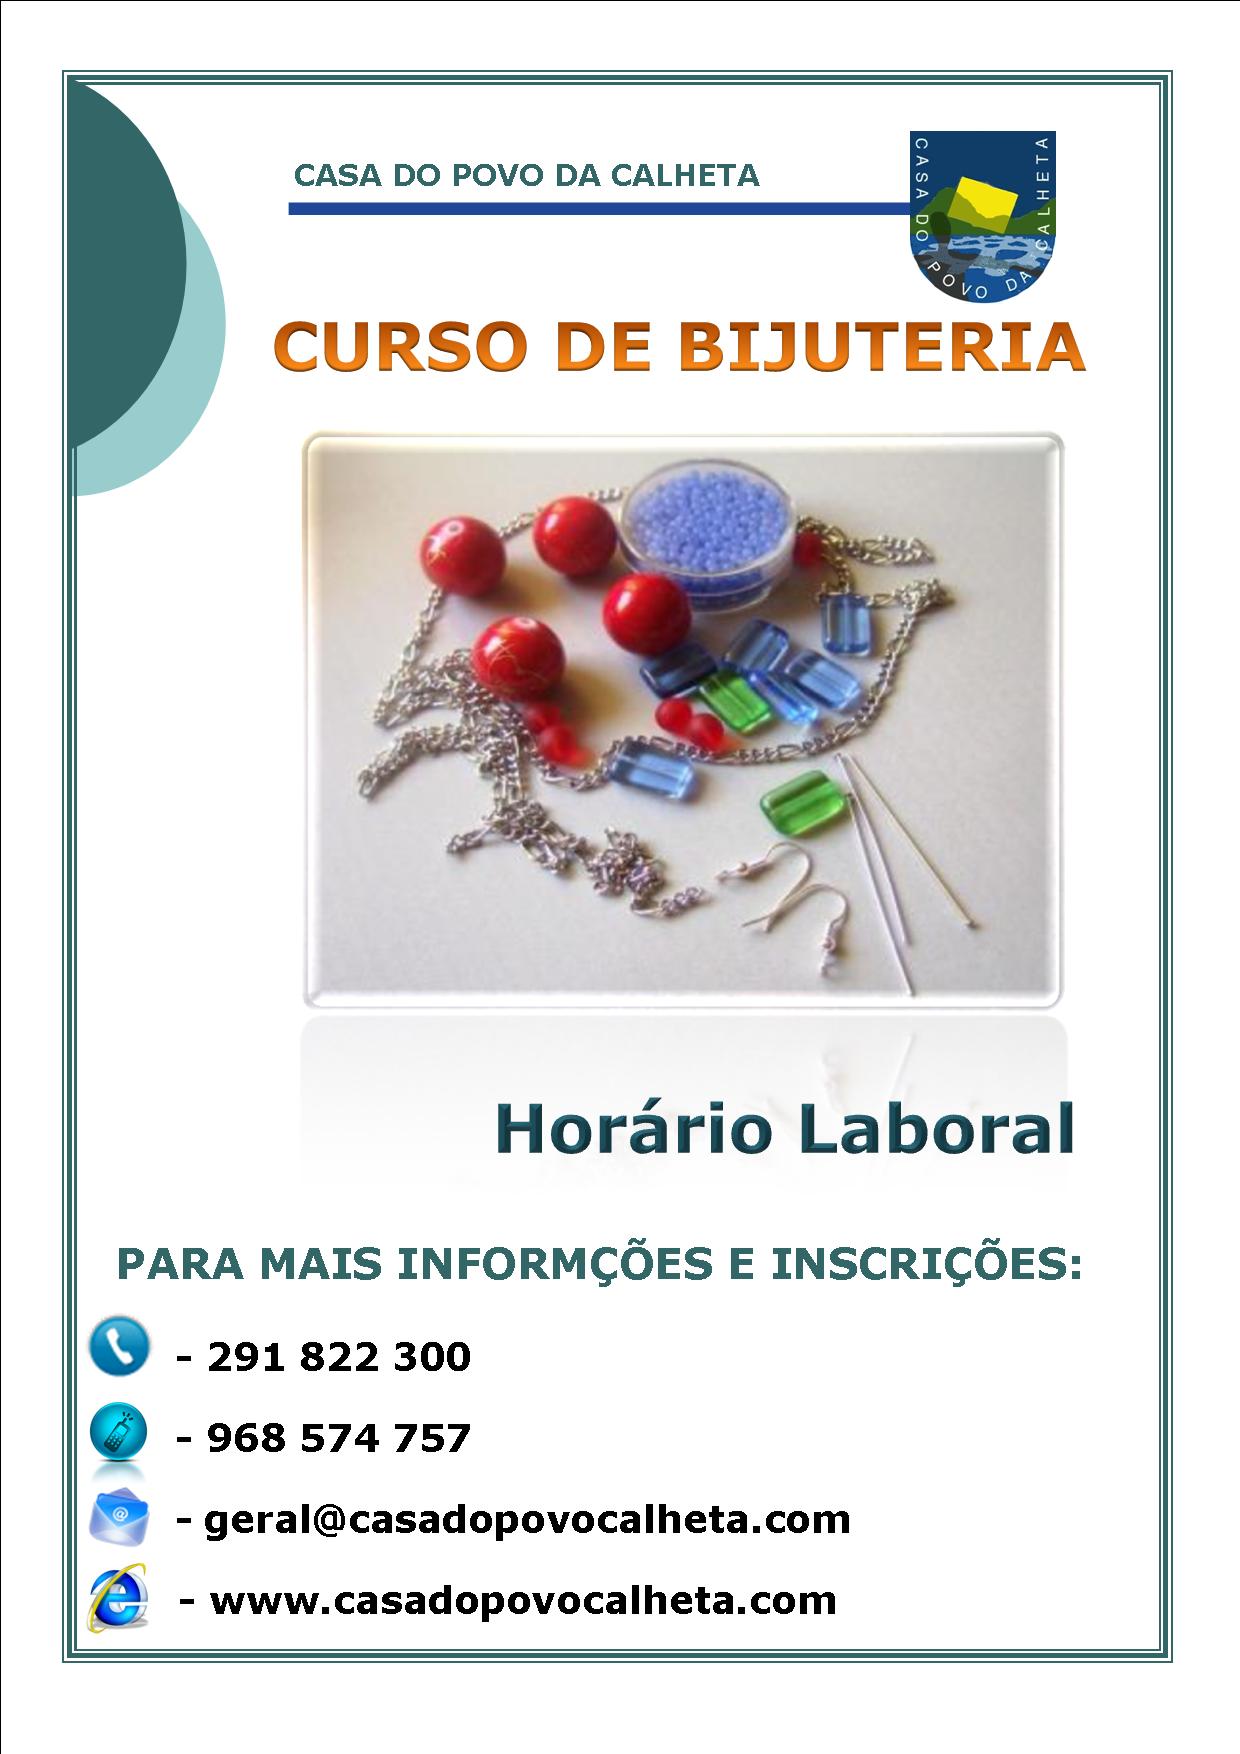 CURSO DE BIJUTERIA